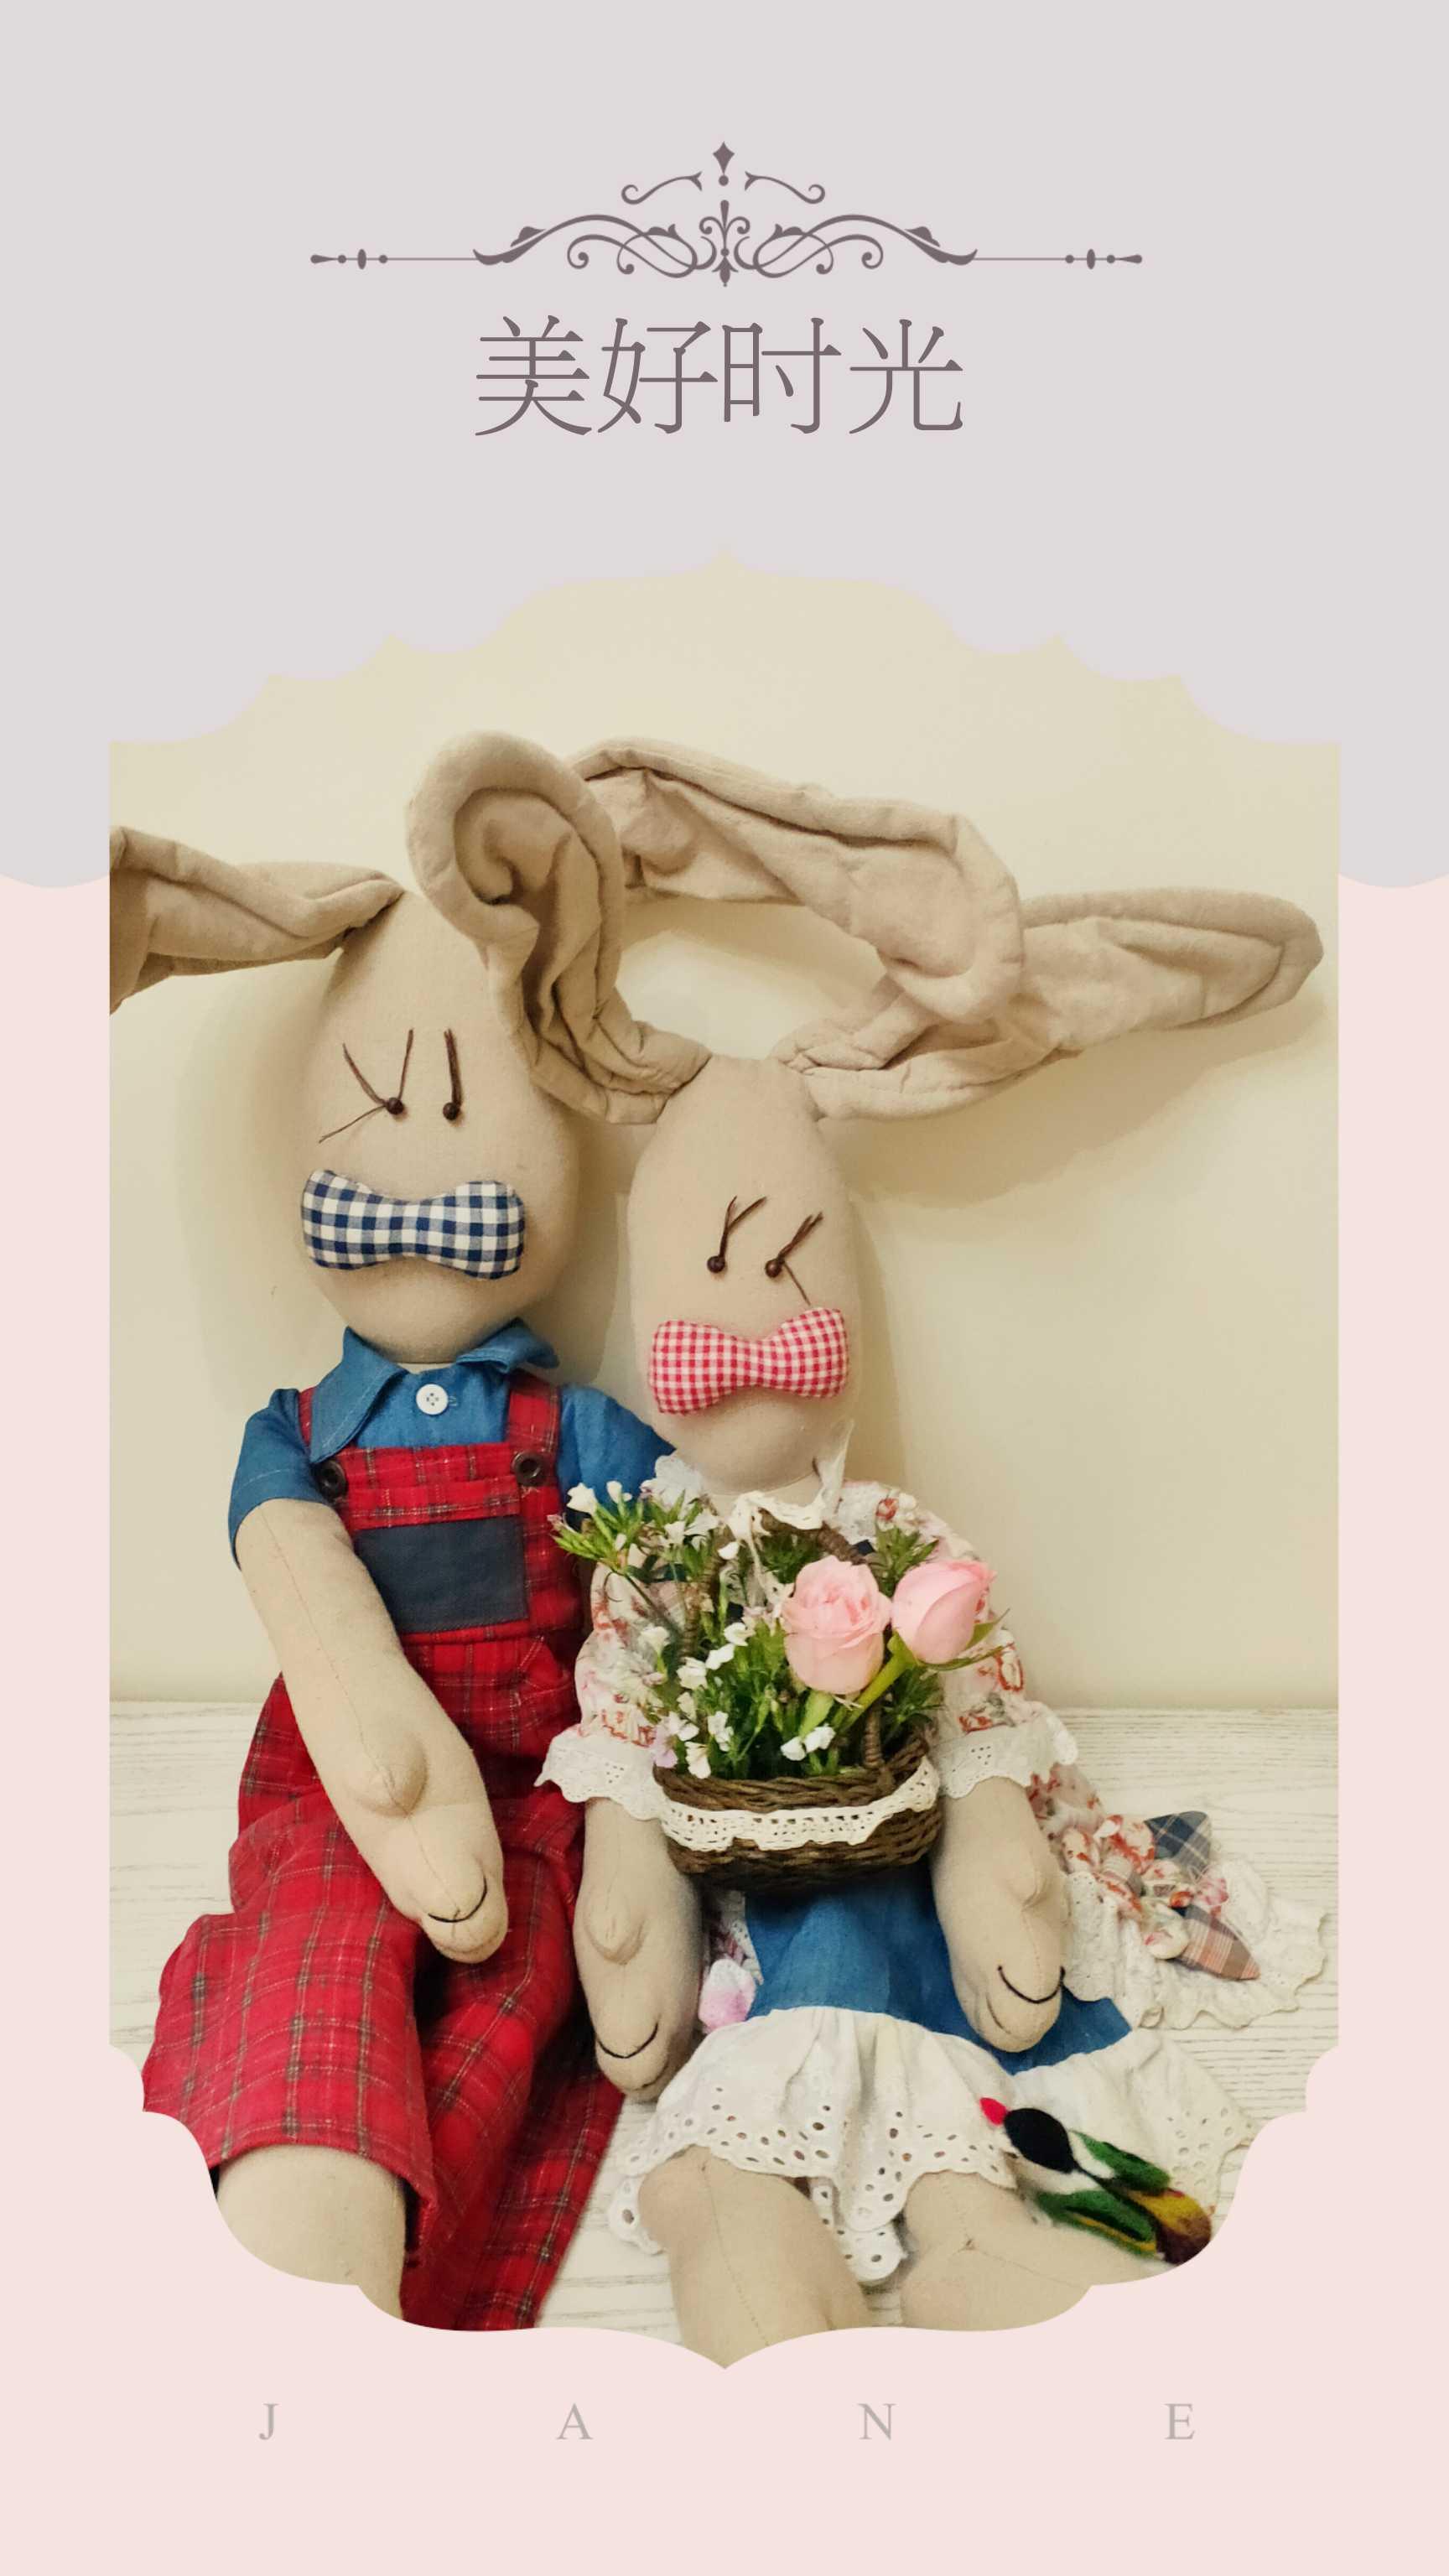 兔子的快乐